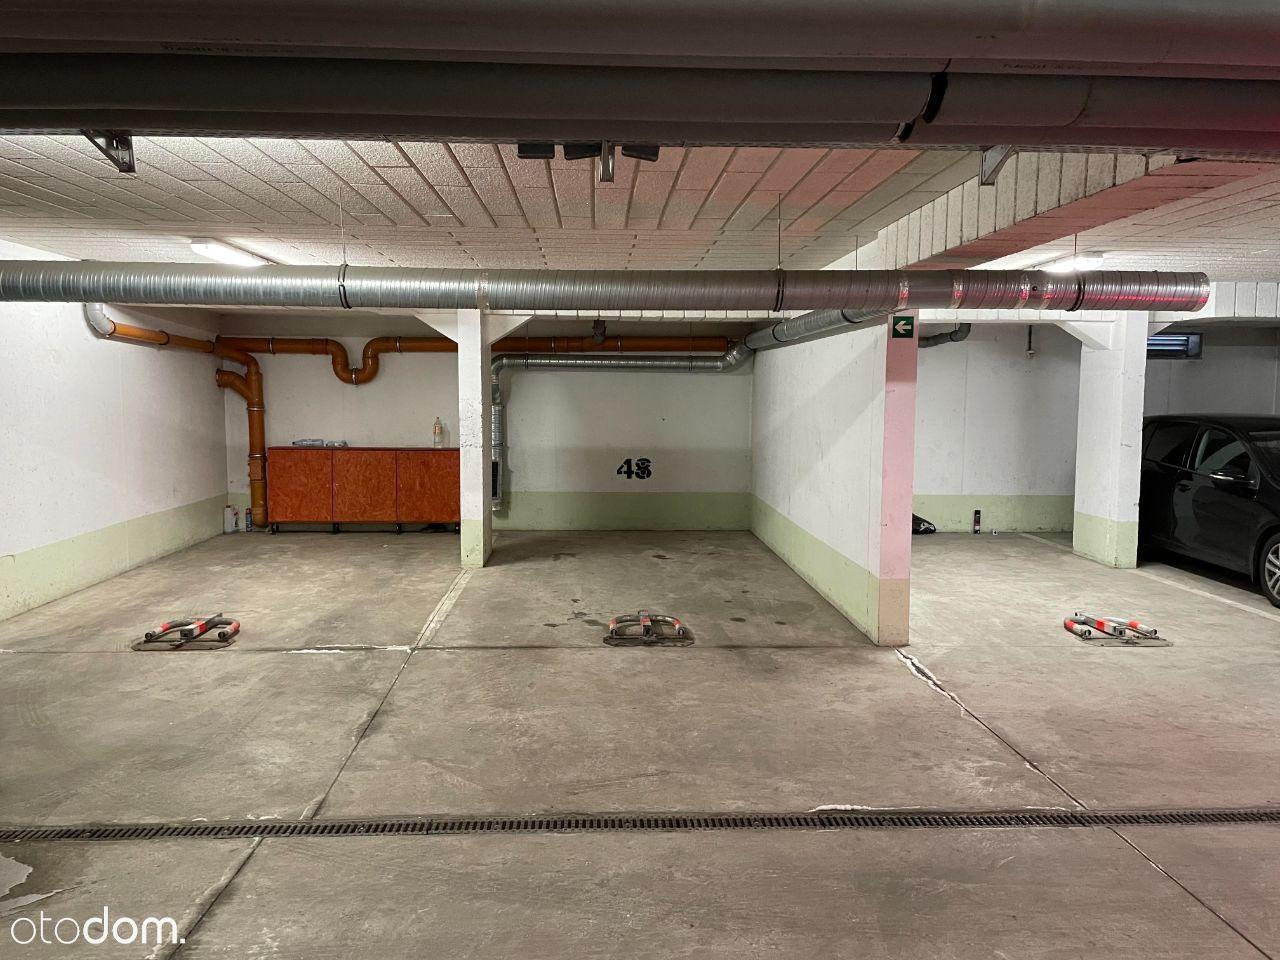 Wygodne miejsce parkingowe - Strzegomska 42 # FV